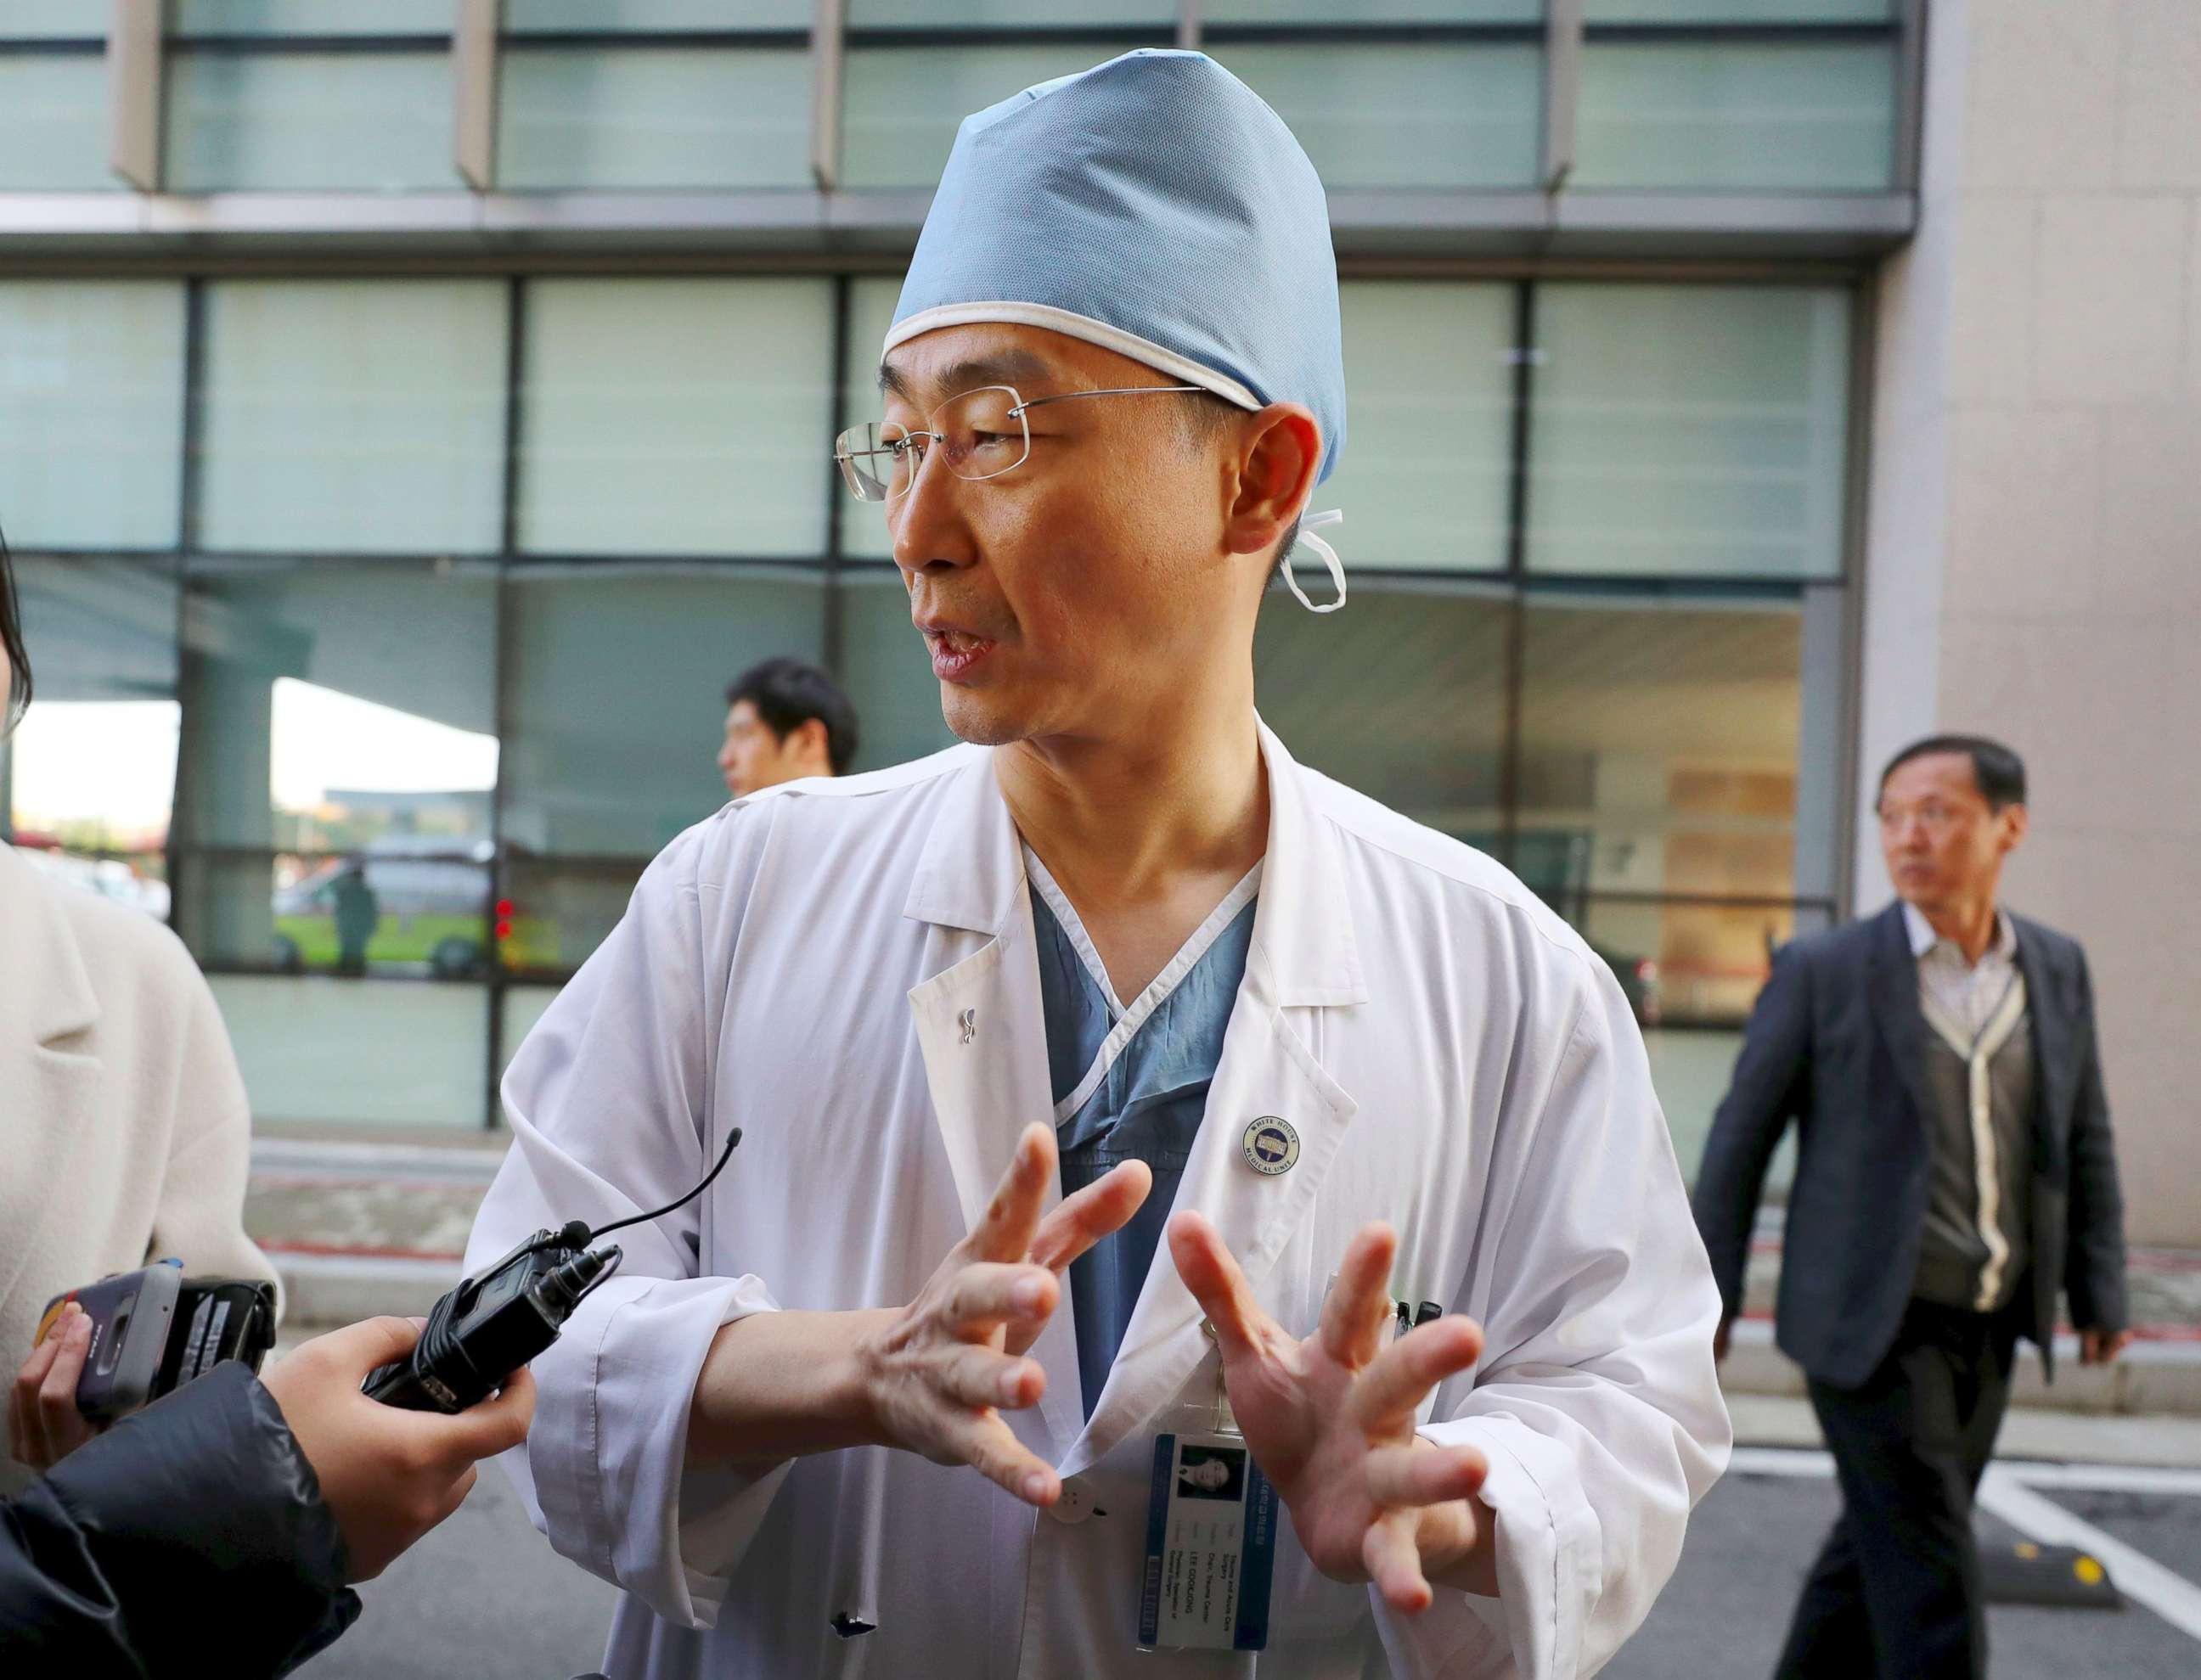 Lee Cook Jong